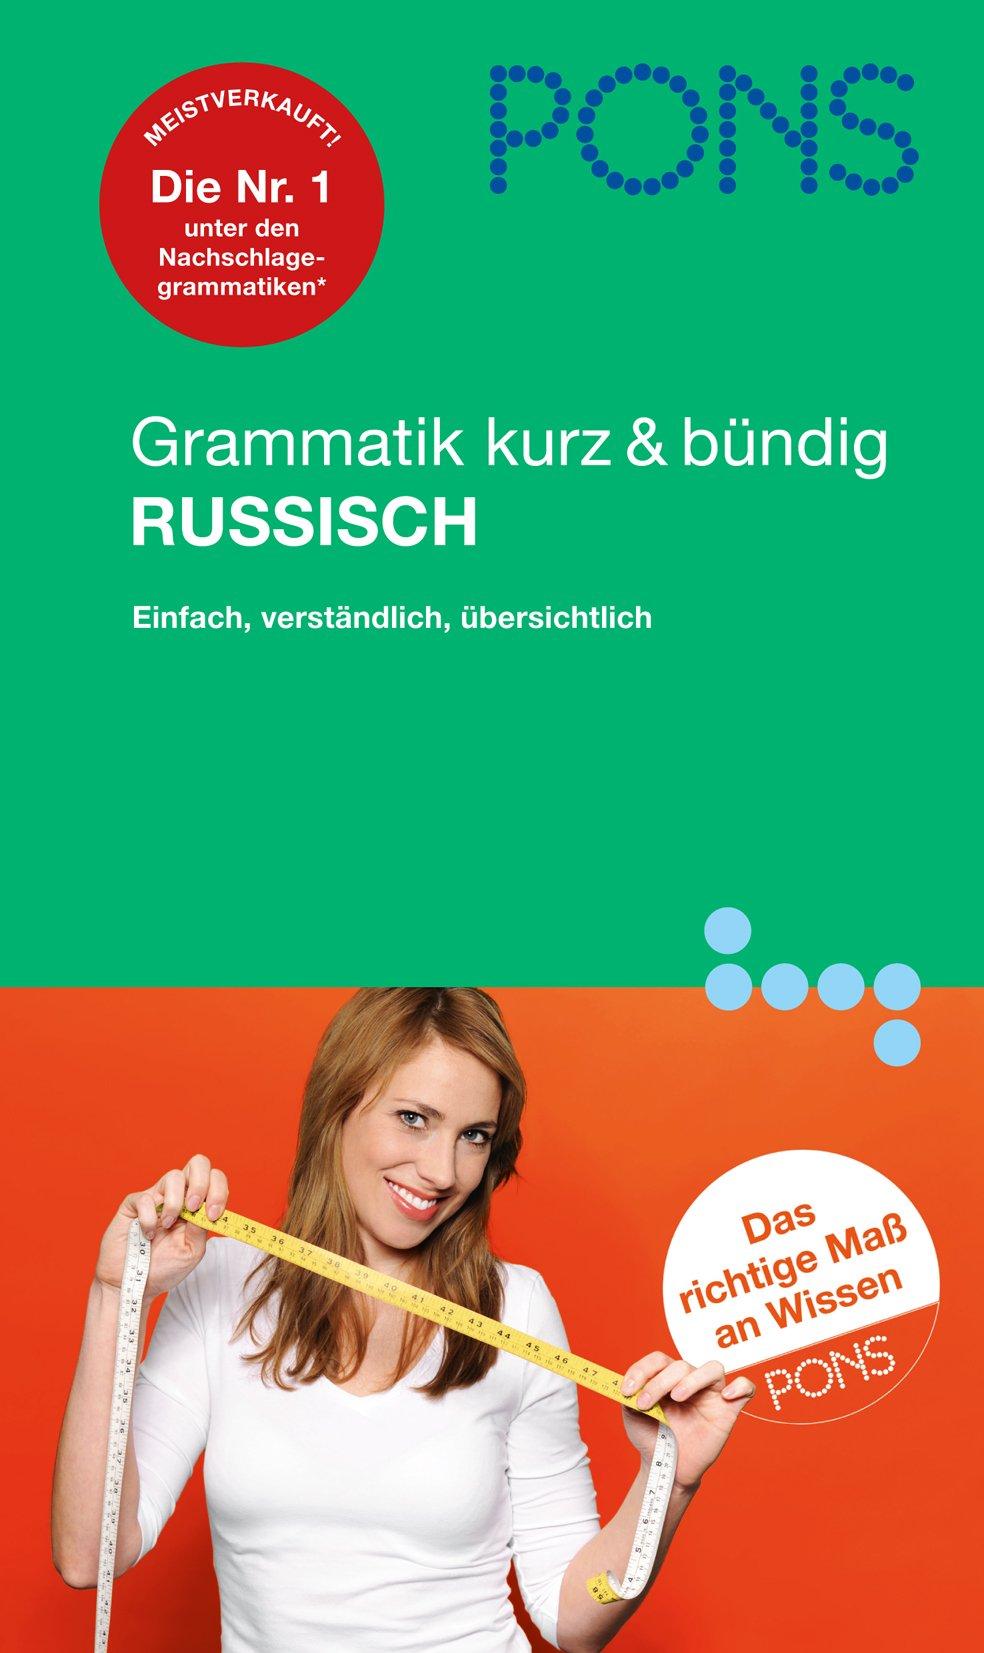 PONS Grammatik kurz & bündig Russisch: Übersichtlich, kompakt, leicht verständliche Erklärungen